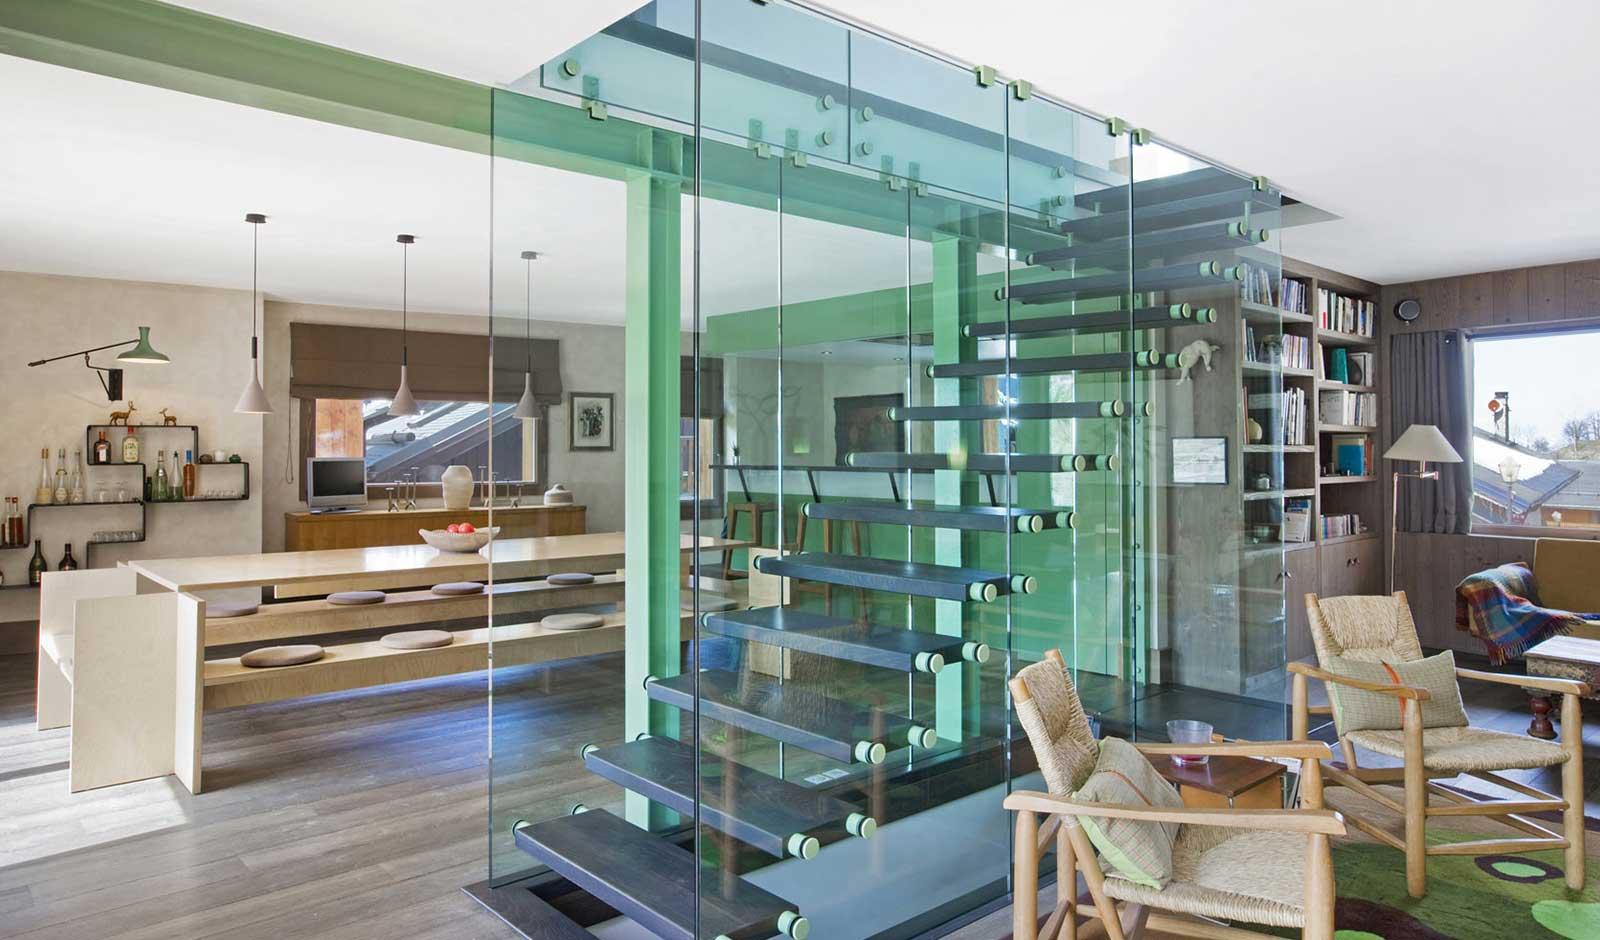 chalet-vert-mont-5-atelier-crea-and-co-architecte-design-project-manager-meribel-savoie